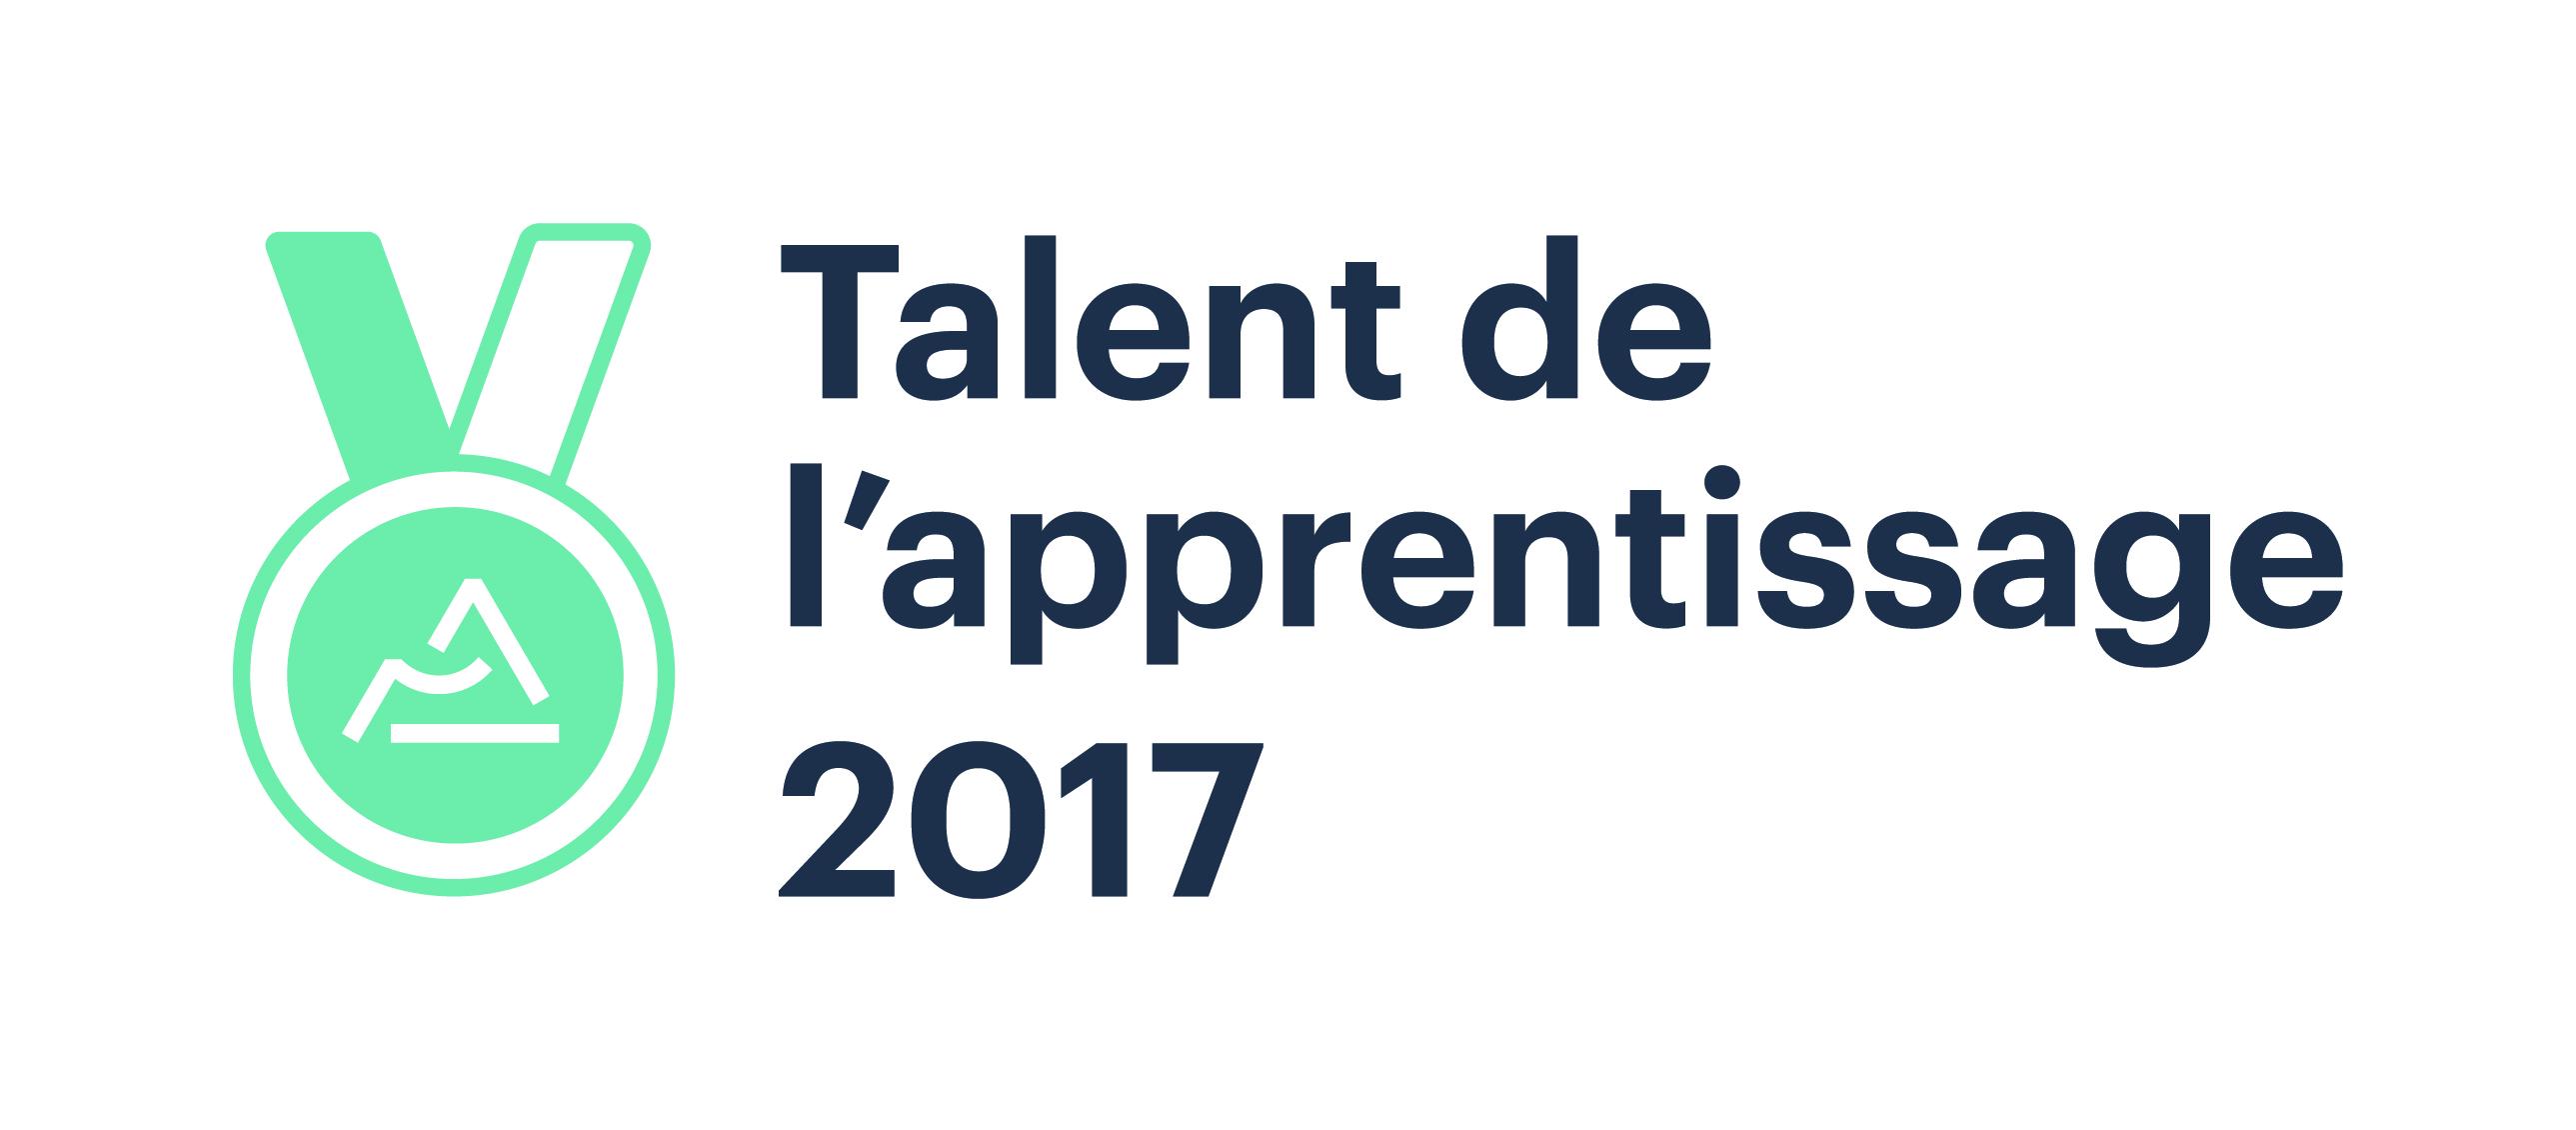 Saga Talents de l'apprentissage - Mathilde Gouttenoire